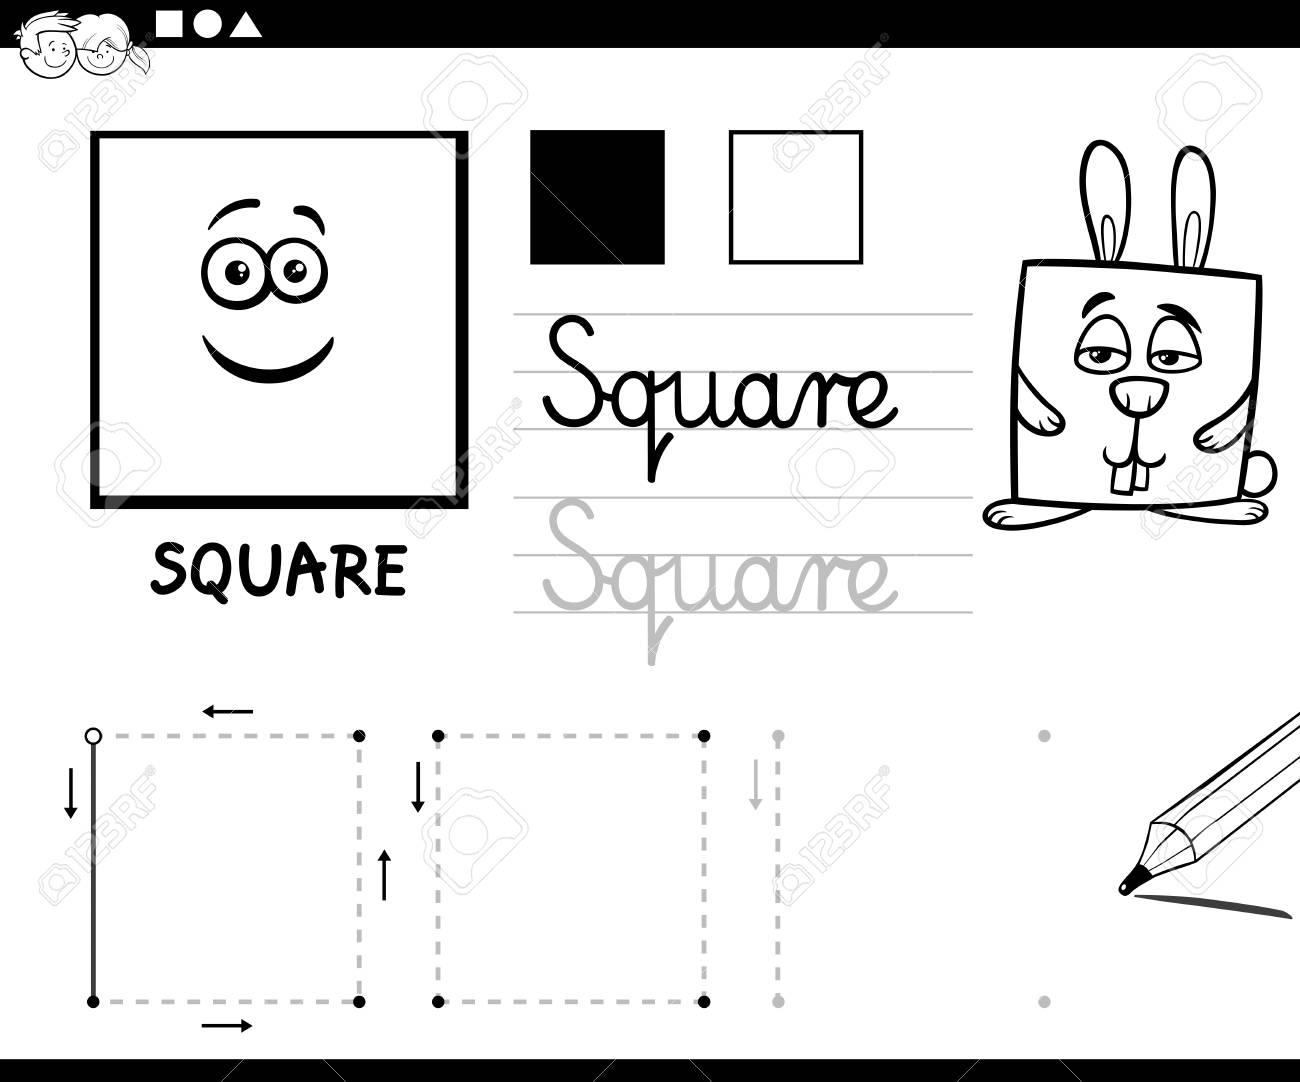 Ilustración De Dibujos Animados Educativo Blanco Y Negro De Forma Geométrica Básica Cuadrado Para Niños Página Para Colorear